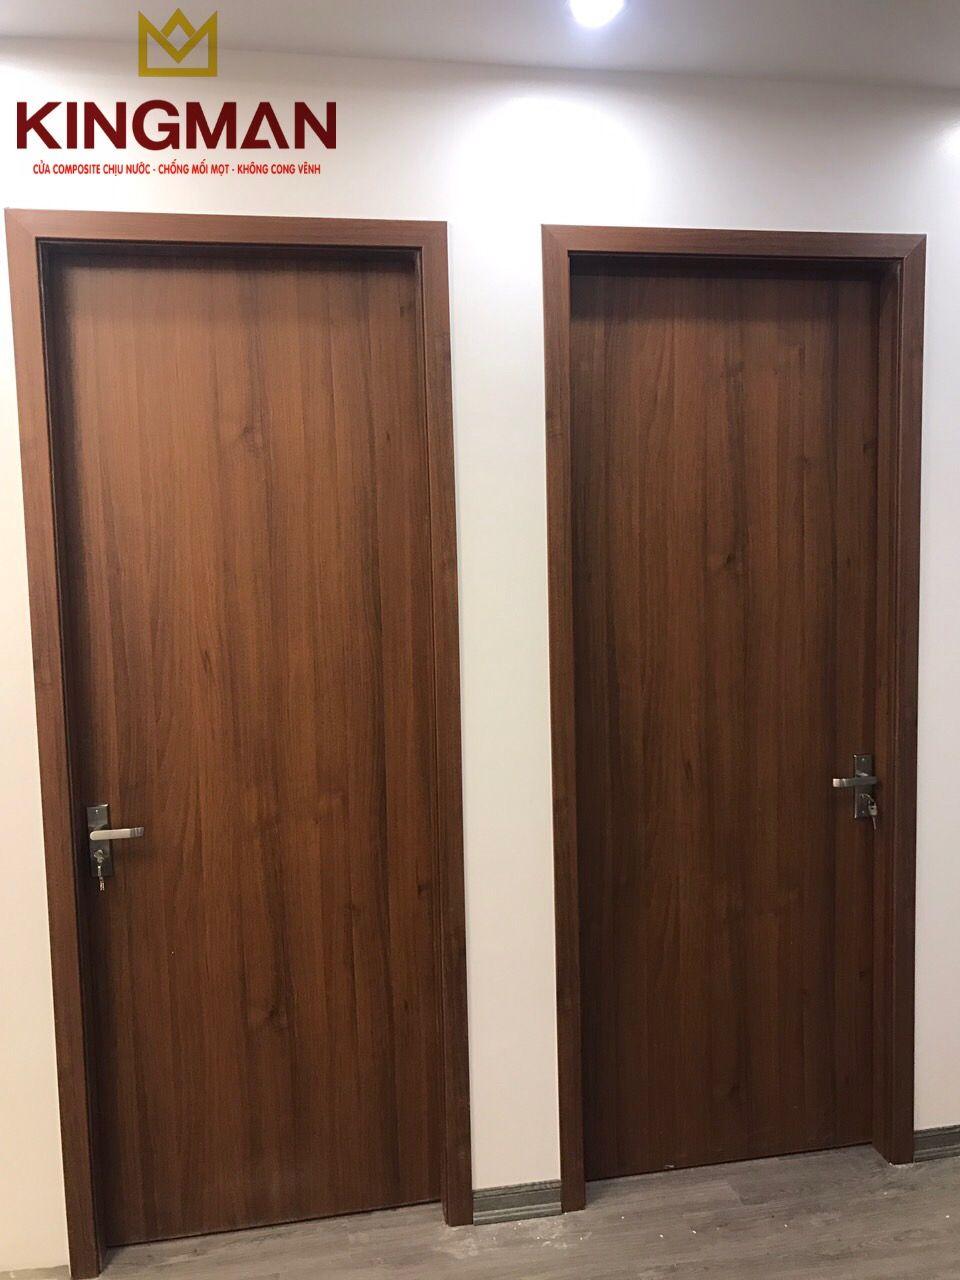 Solid wood plastic composite door